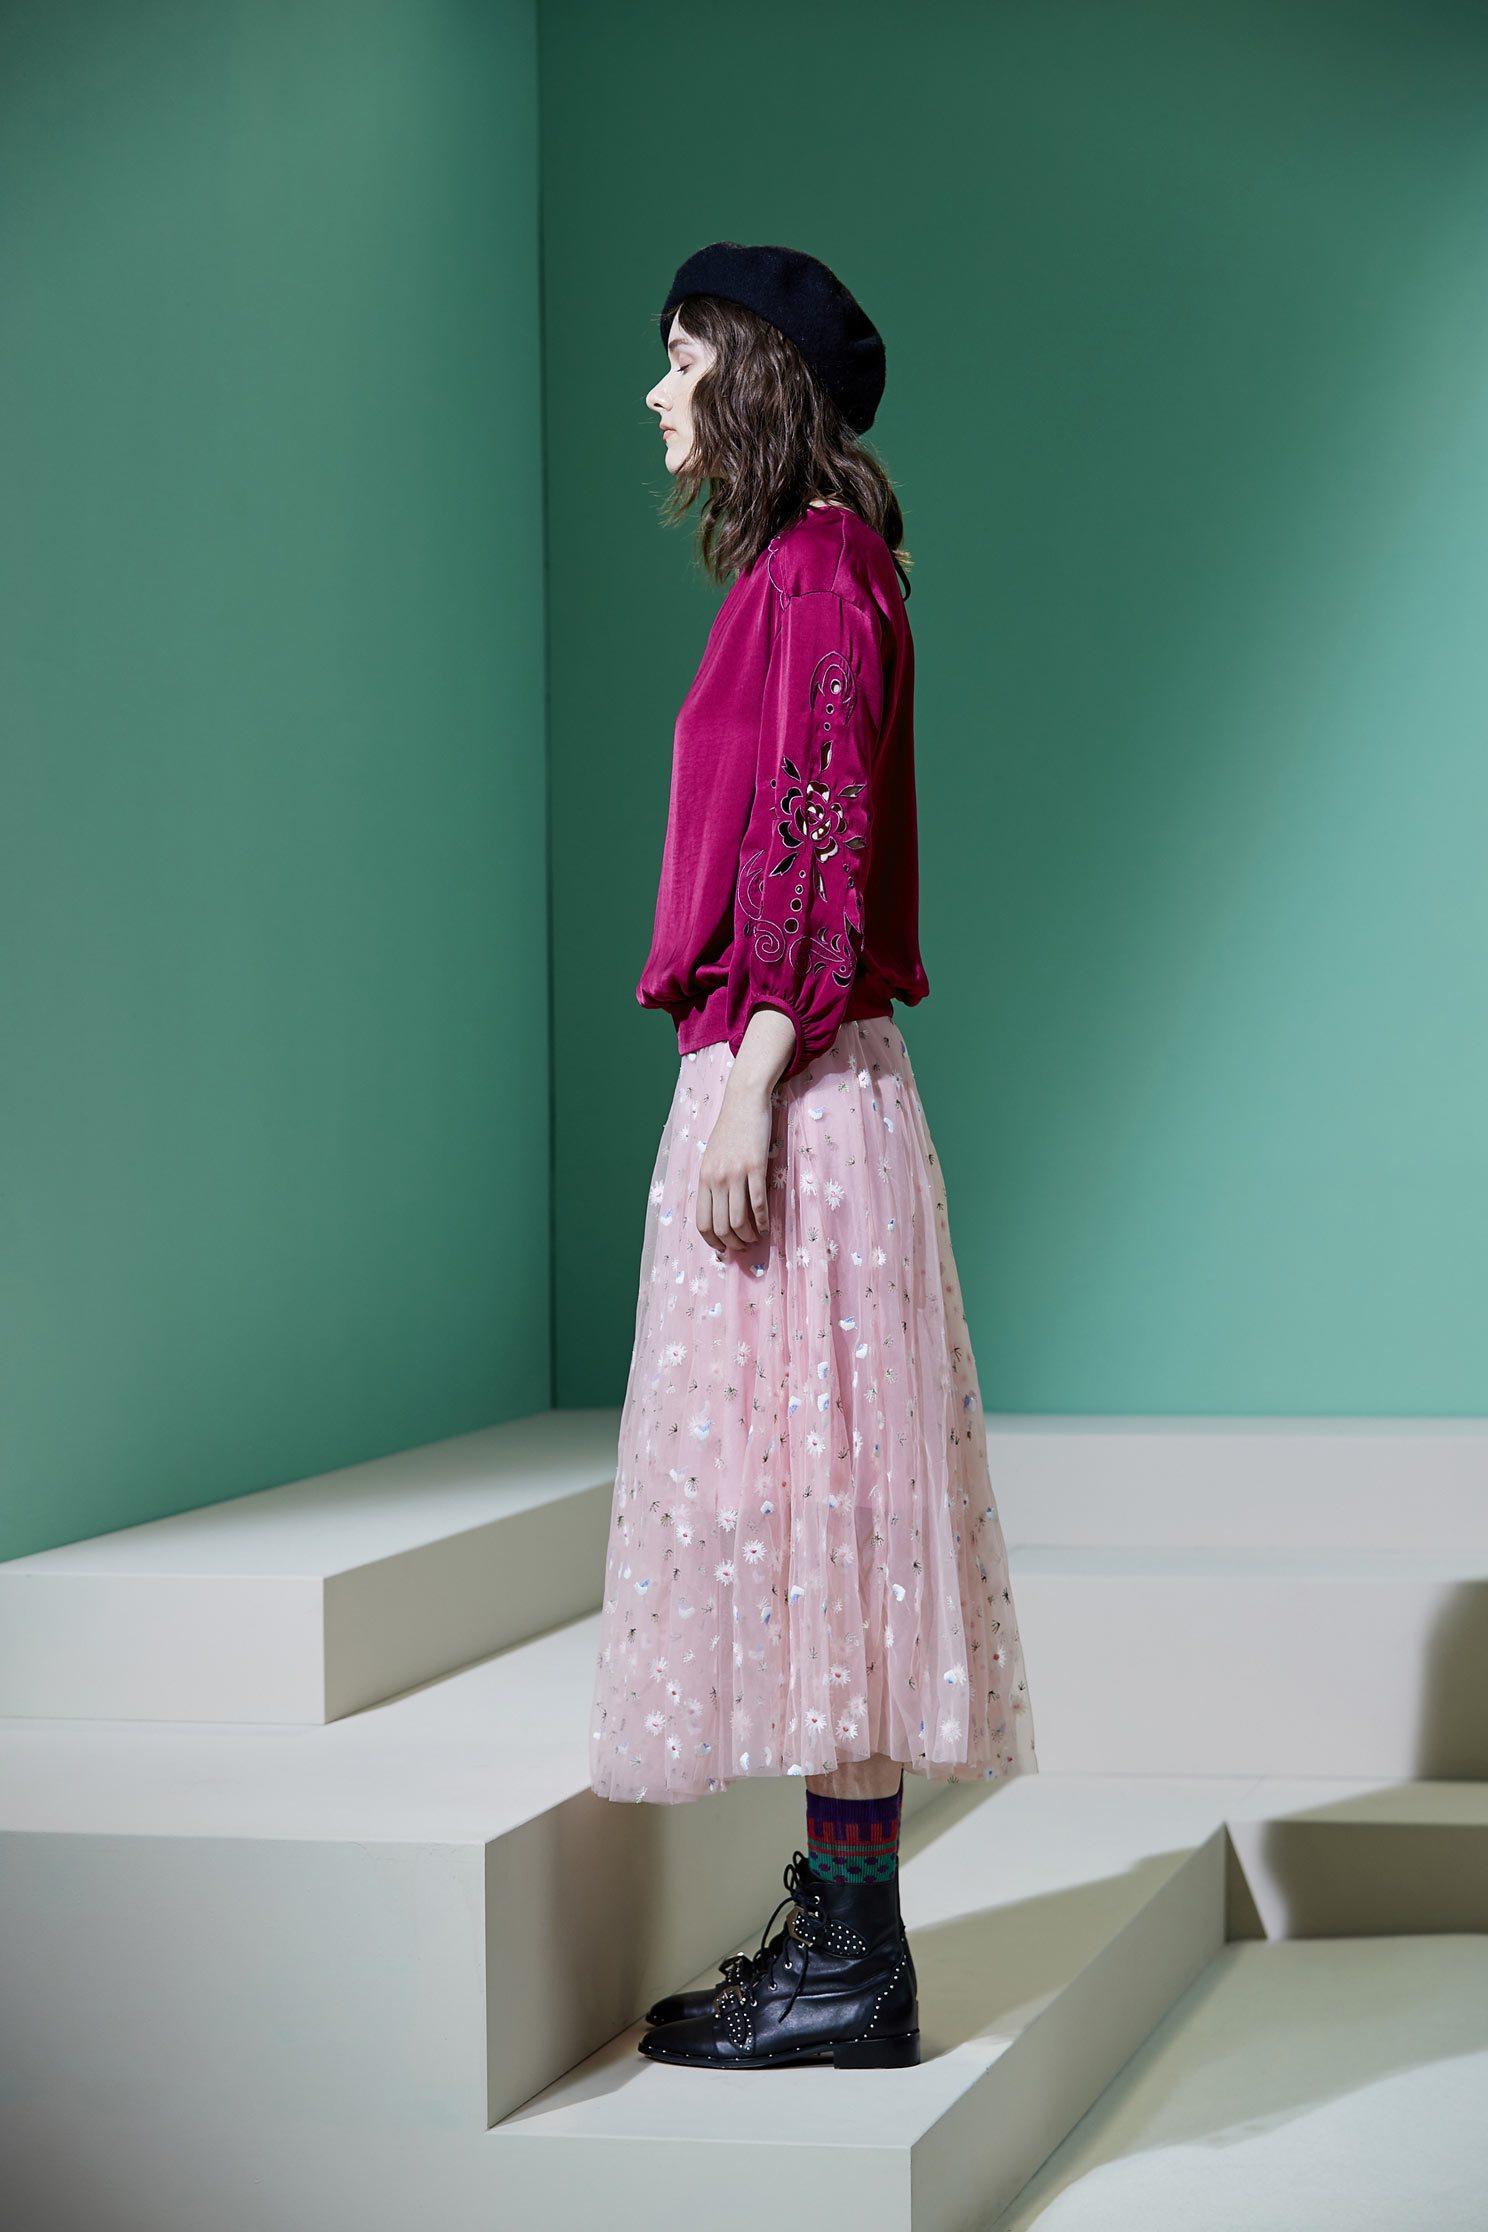 Embroidered breathable gauze long skirt,embroidery,tulleskirt,mesh,tulleskirt,i-select,embroidered,longskirt